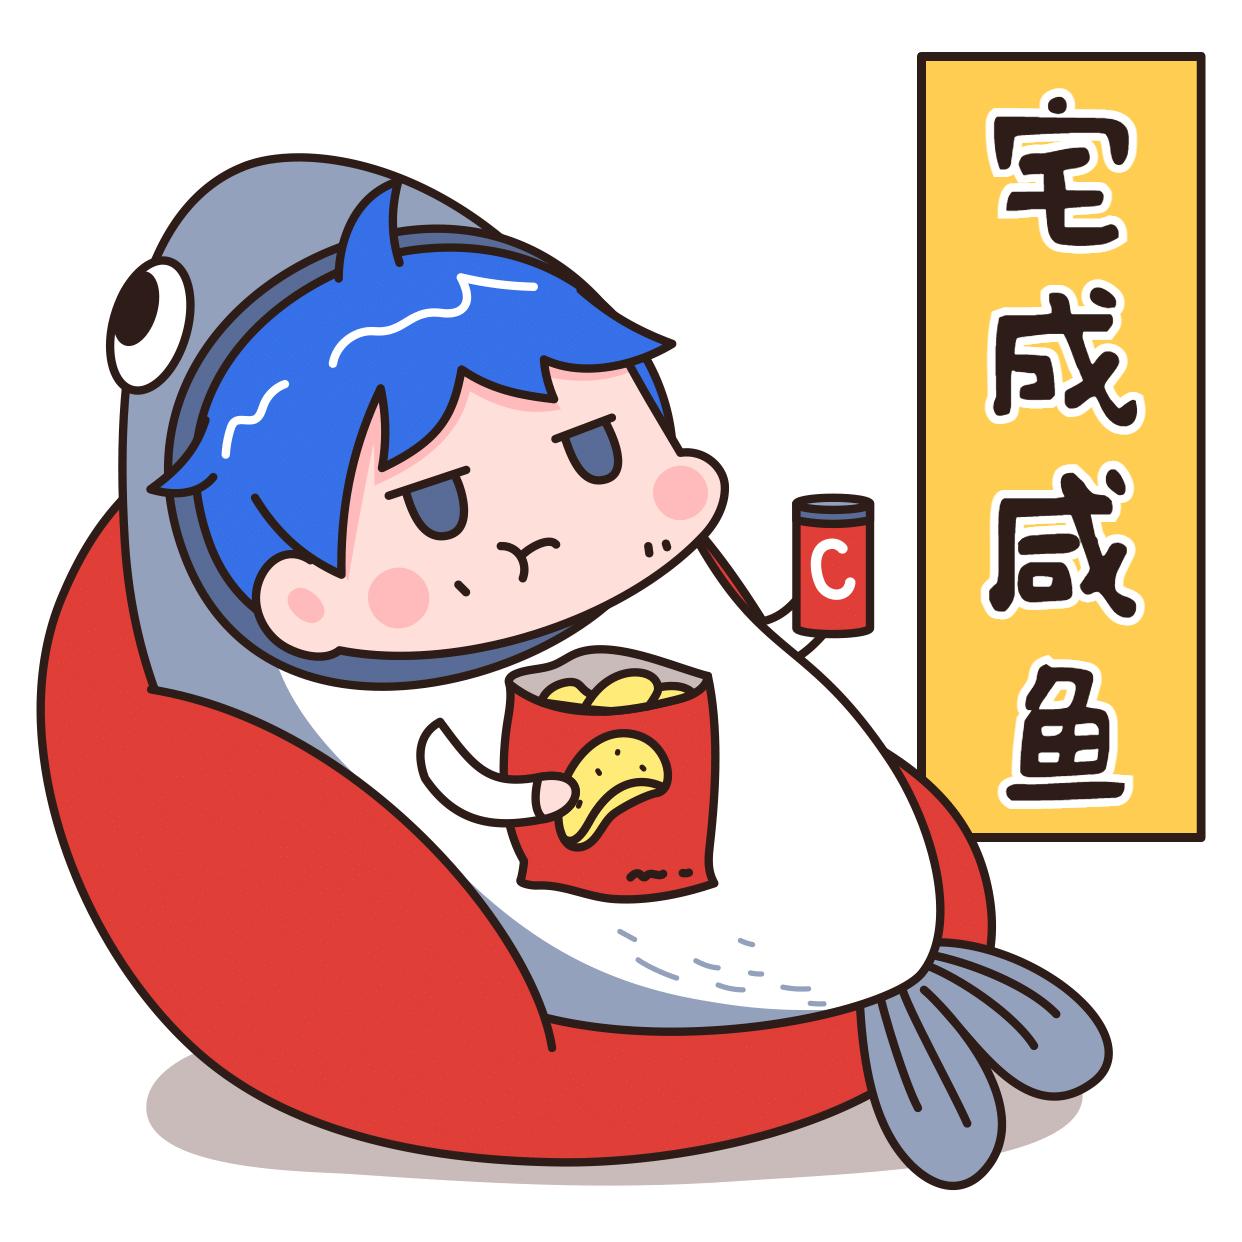 小稿牛年春节拜年表情包插画咸鱼宅图片